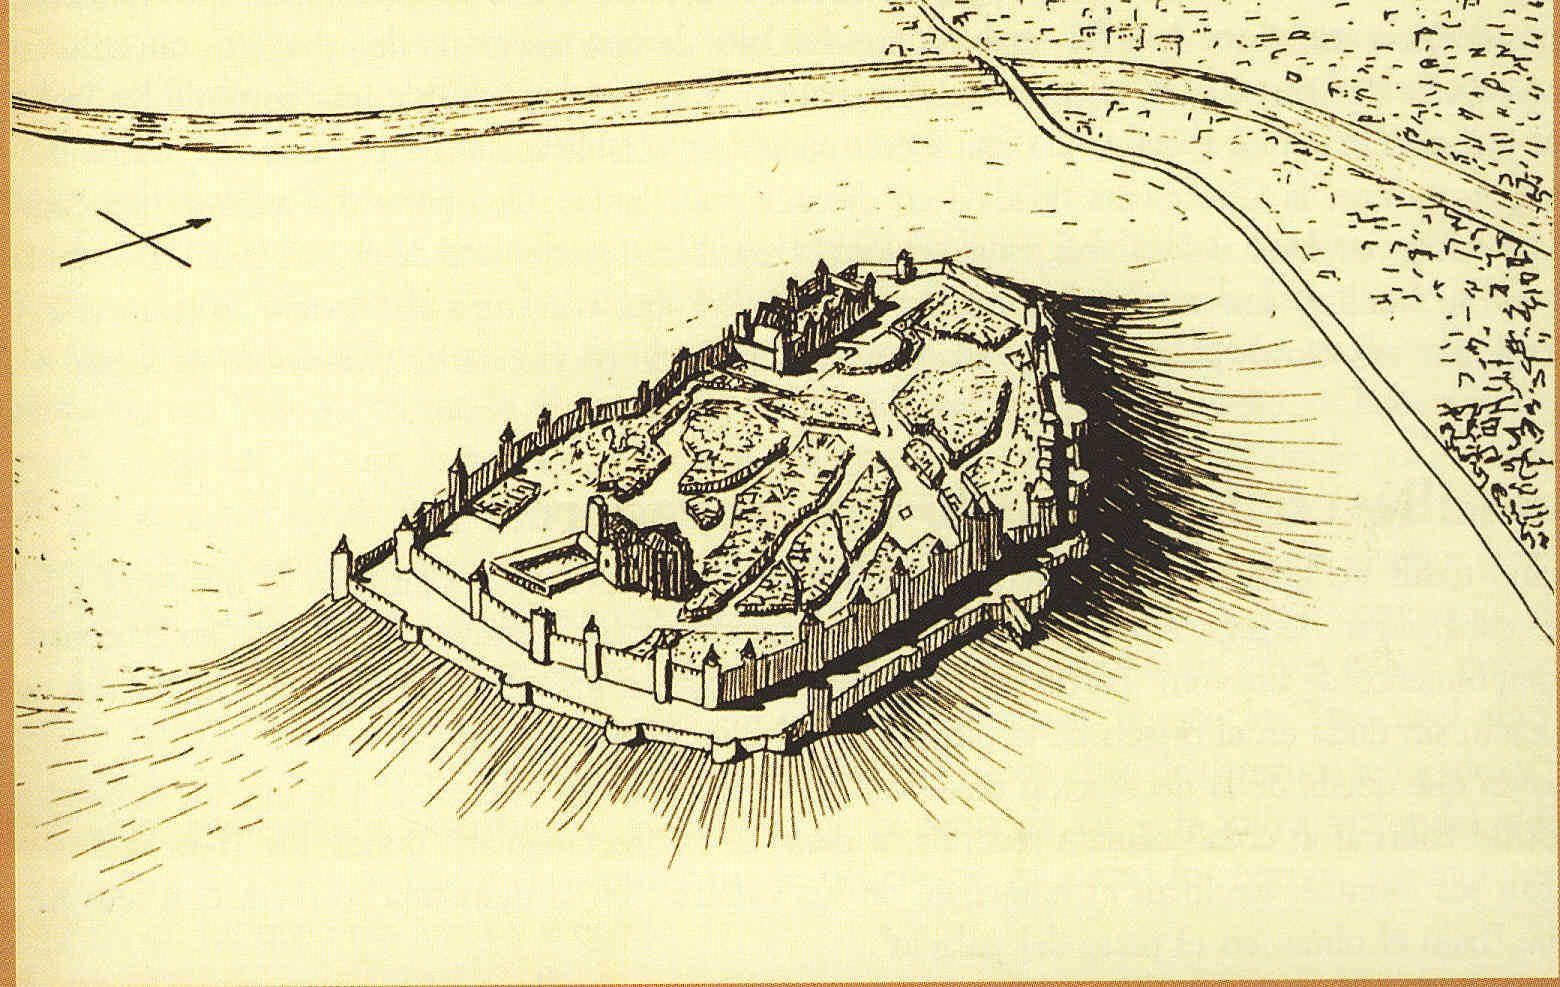 Carcassonne San Luís y Felipe el Atrevido